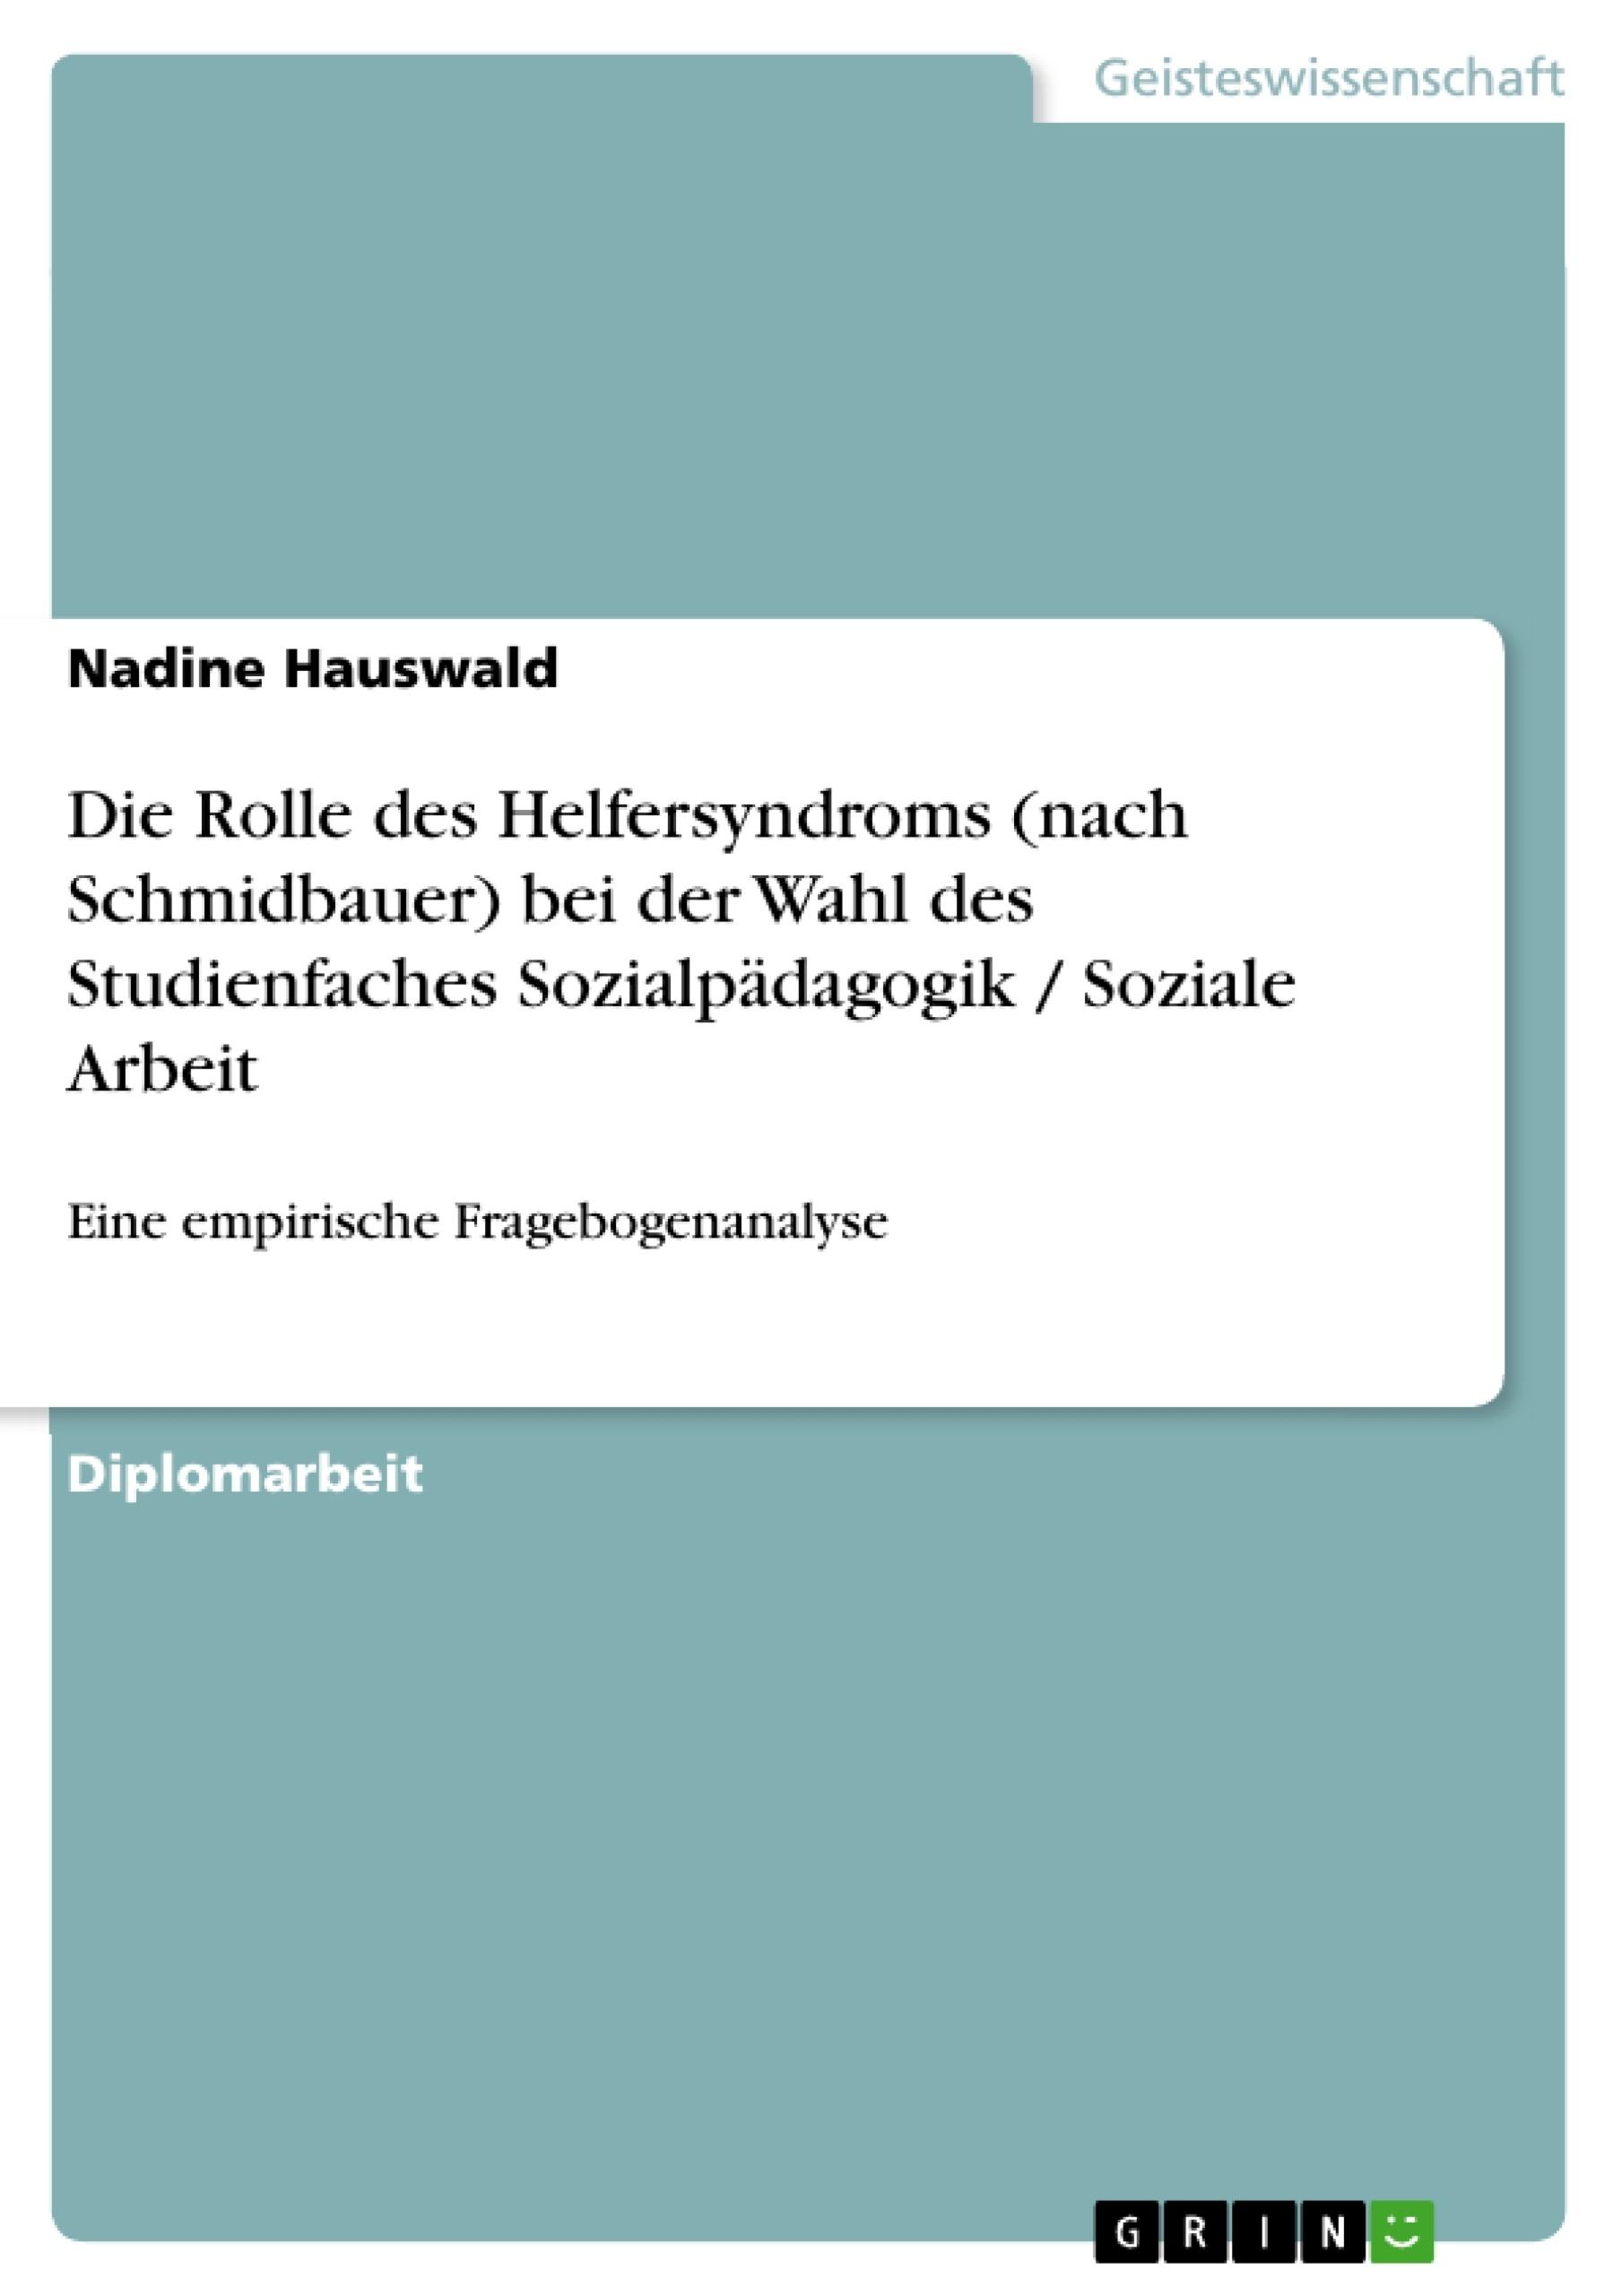 Titel: Die Rolle des Helfersyndroms (nach Schmidbauer) bei der Wahl des Studienfaches Sozialpädagogik / Soziale Arbeit